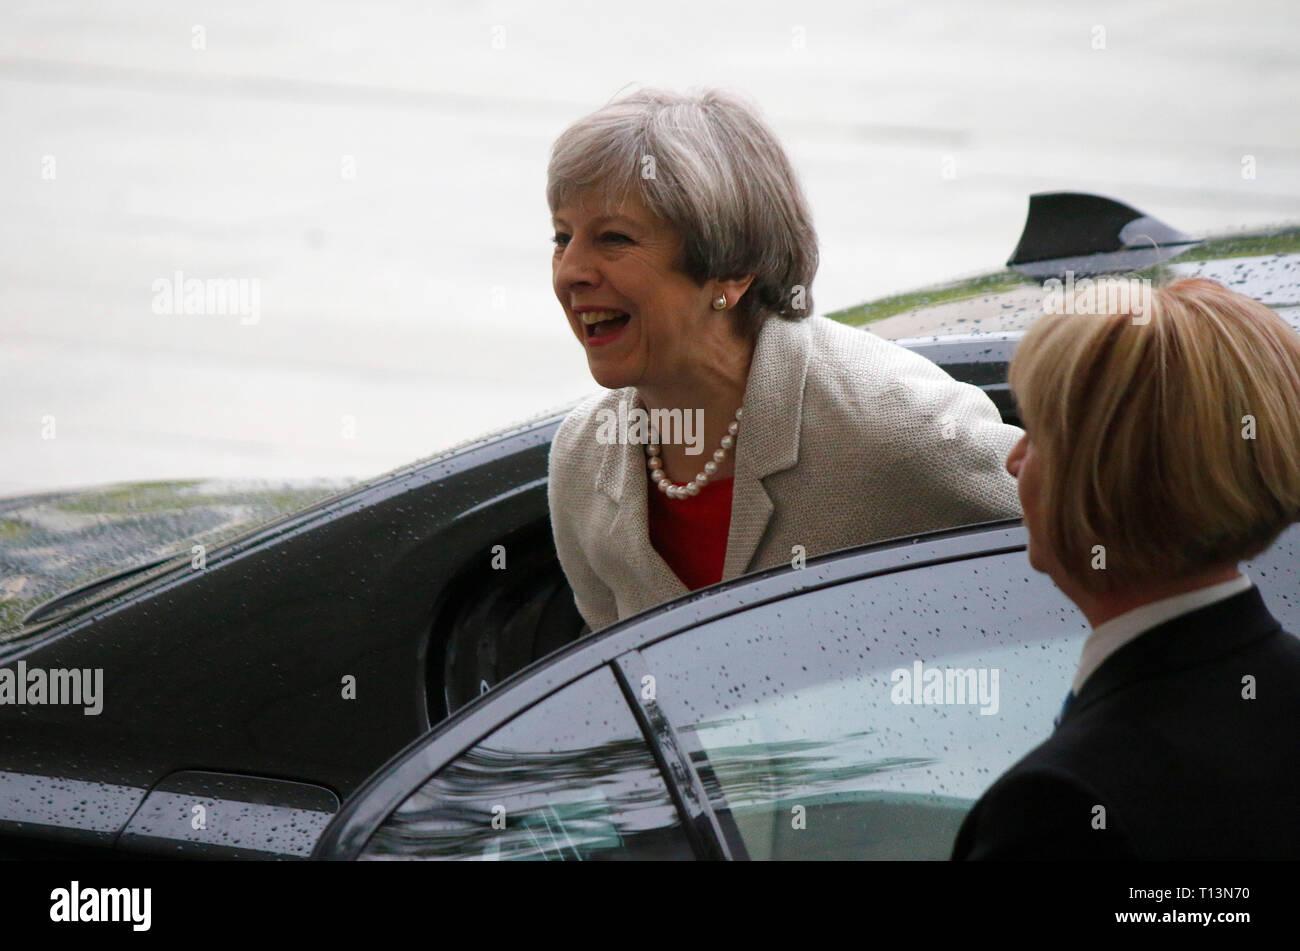 Theresa May - Vorbereitungstreffen europaeischer Staatschefs fuer den G20 Gipfel, Bundeskanzleramt, 29. Juni 2017, Berlin. - Stock Image